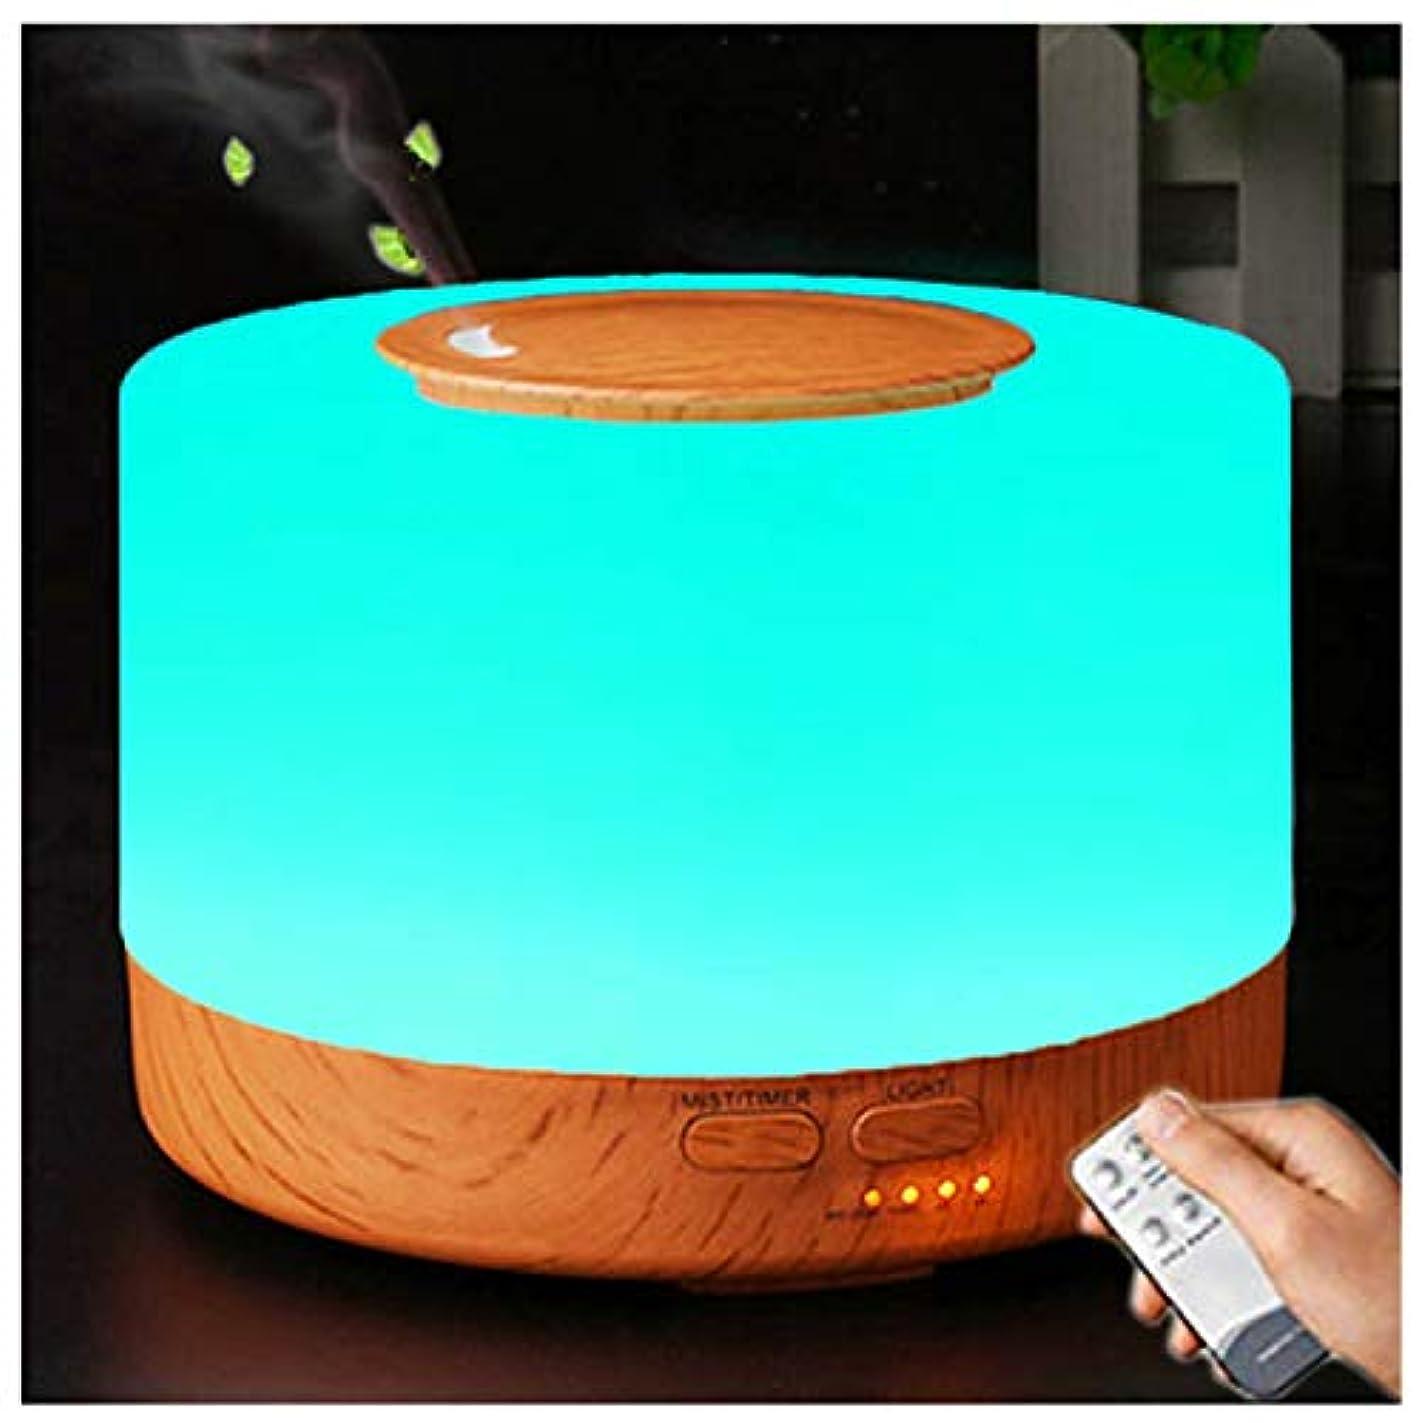 祝福するホーン滑り台アロマディフューザー 加湿器, 卓上 大容量 超音波加湿器, 500ML 保湿 時間設定 空焚き防止 7色変換LED搭載 (木目調)